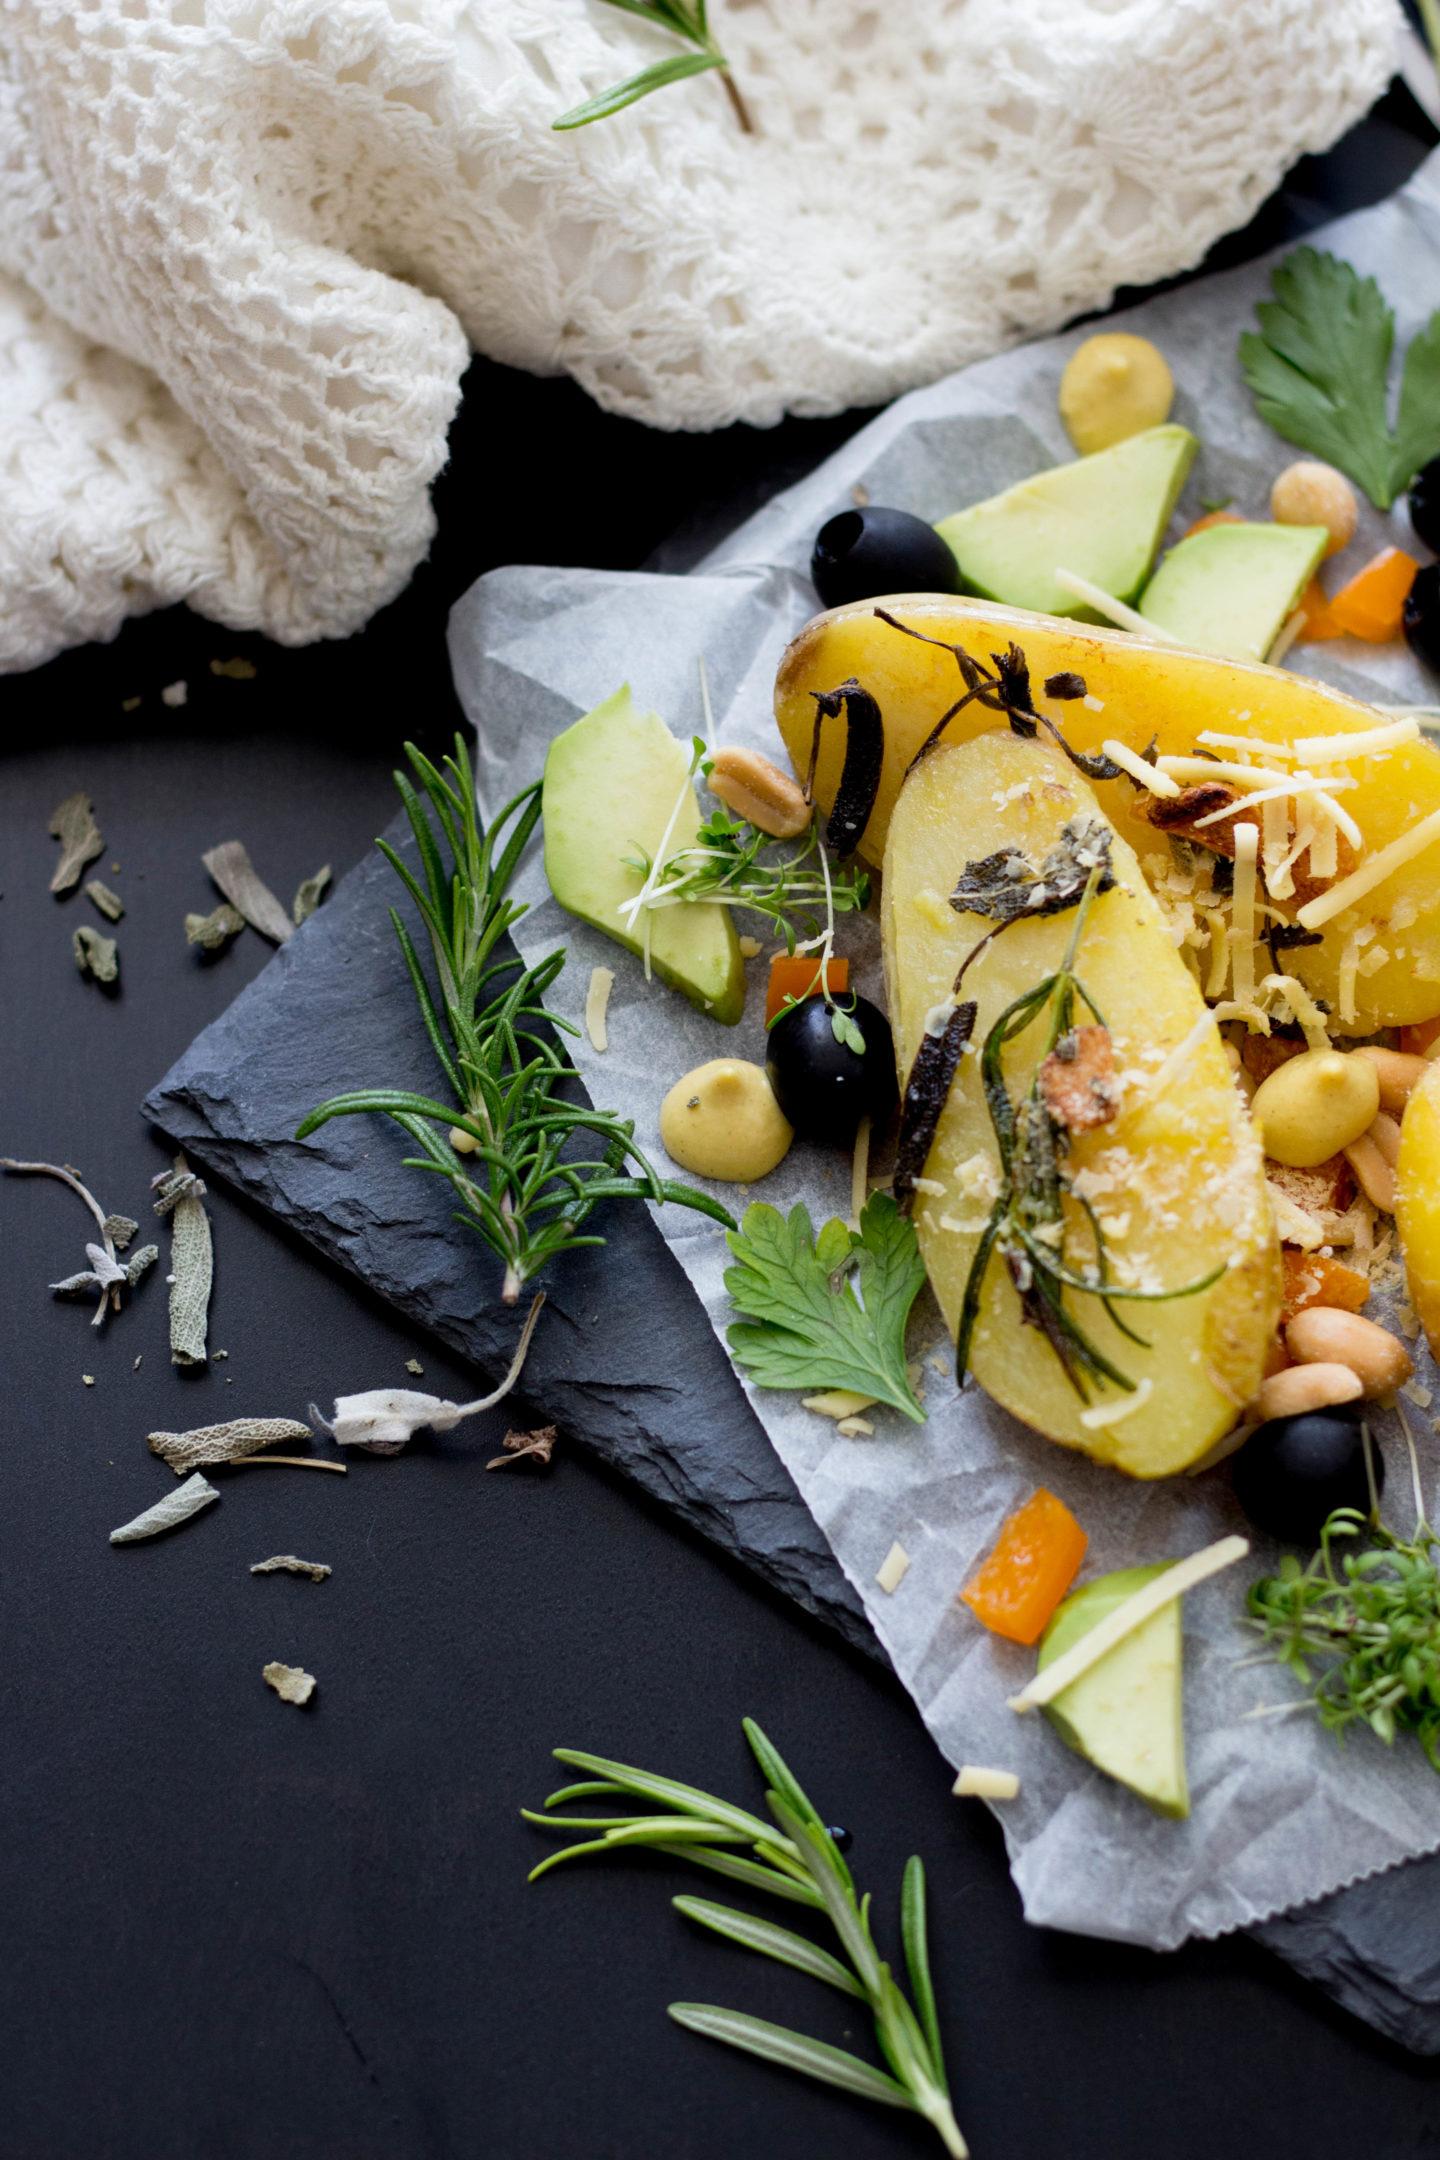 Schnelle vegane küche  Beautiful Schnelle Vegane Küche Contemporary - House Design Ideas ...